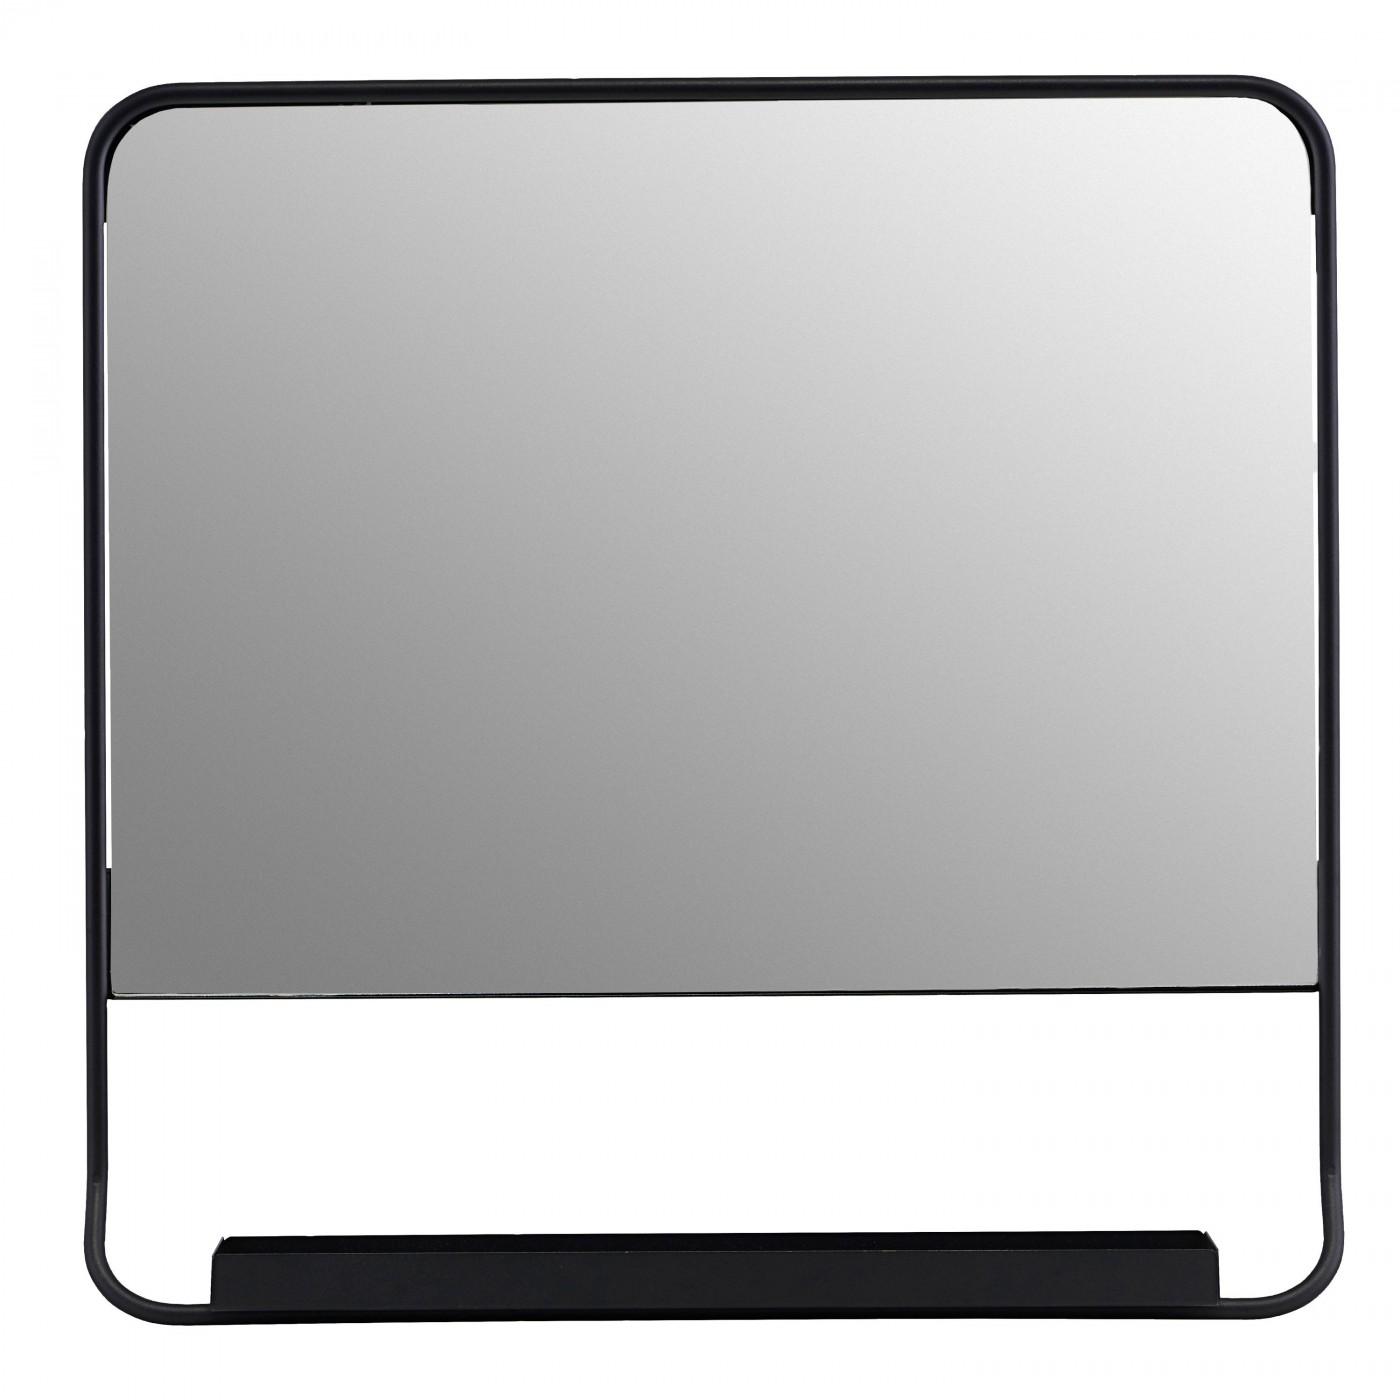 miroir mural chic avec tablette et bord noir house doctor